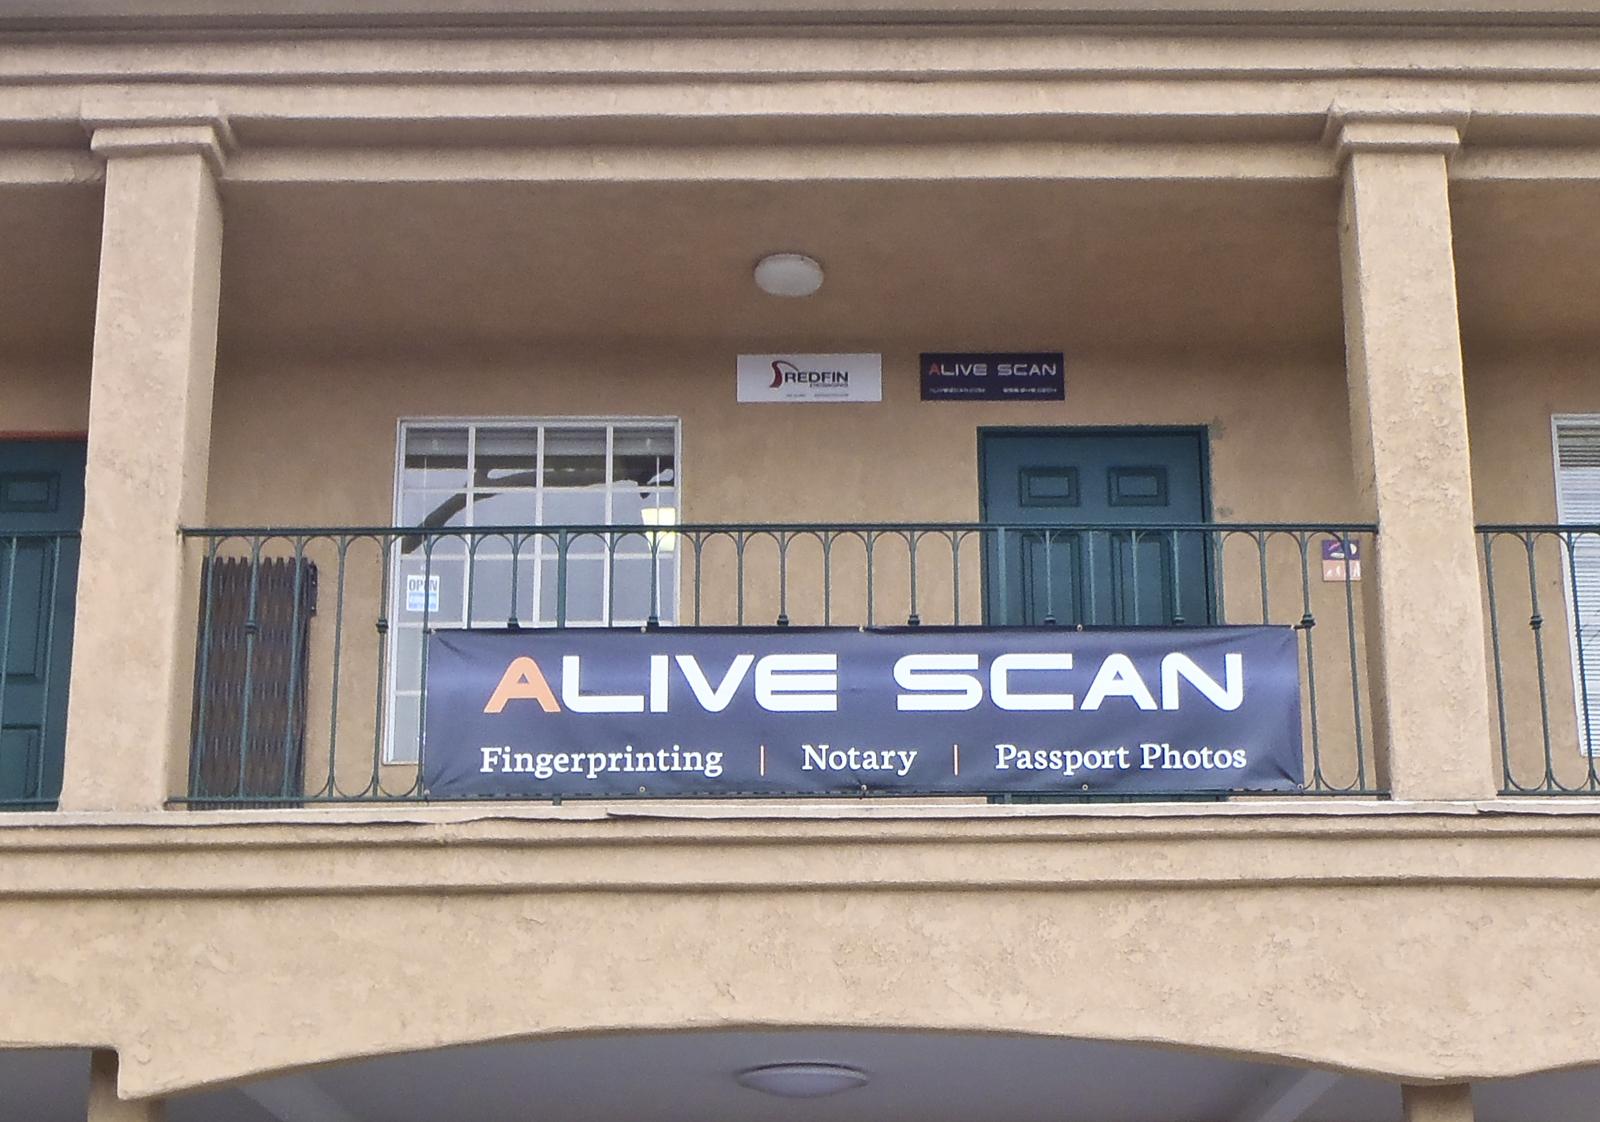 Live scan fingerprinting san diego 2707 garnet ave ste 3 san live scan fingerprinting san diego 2707 garnet ave ste 3 san diego ca 92109 yp falaconquin